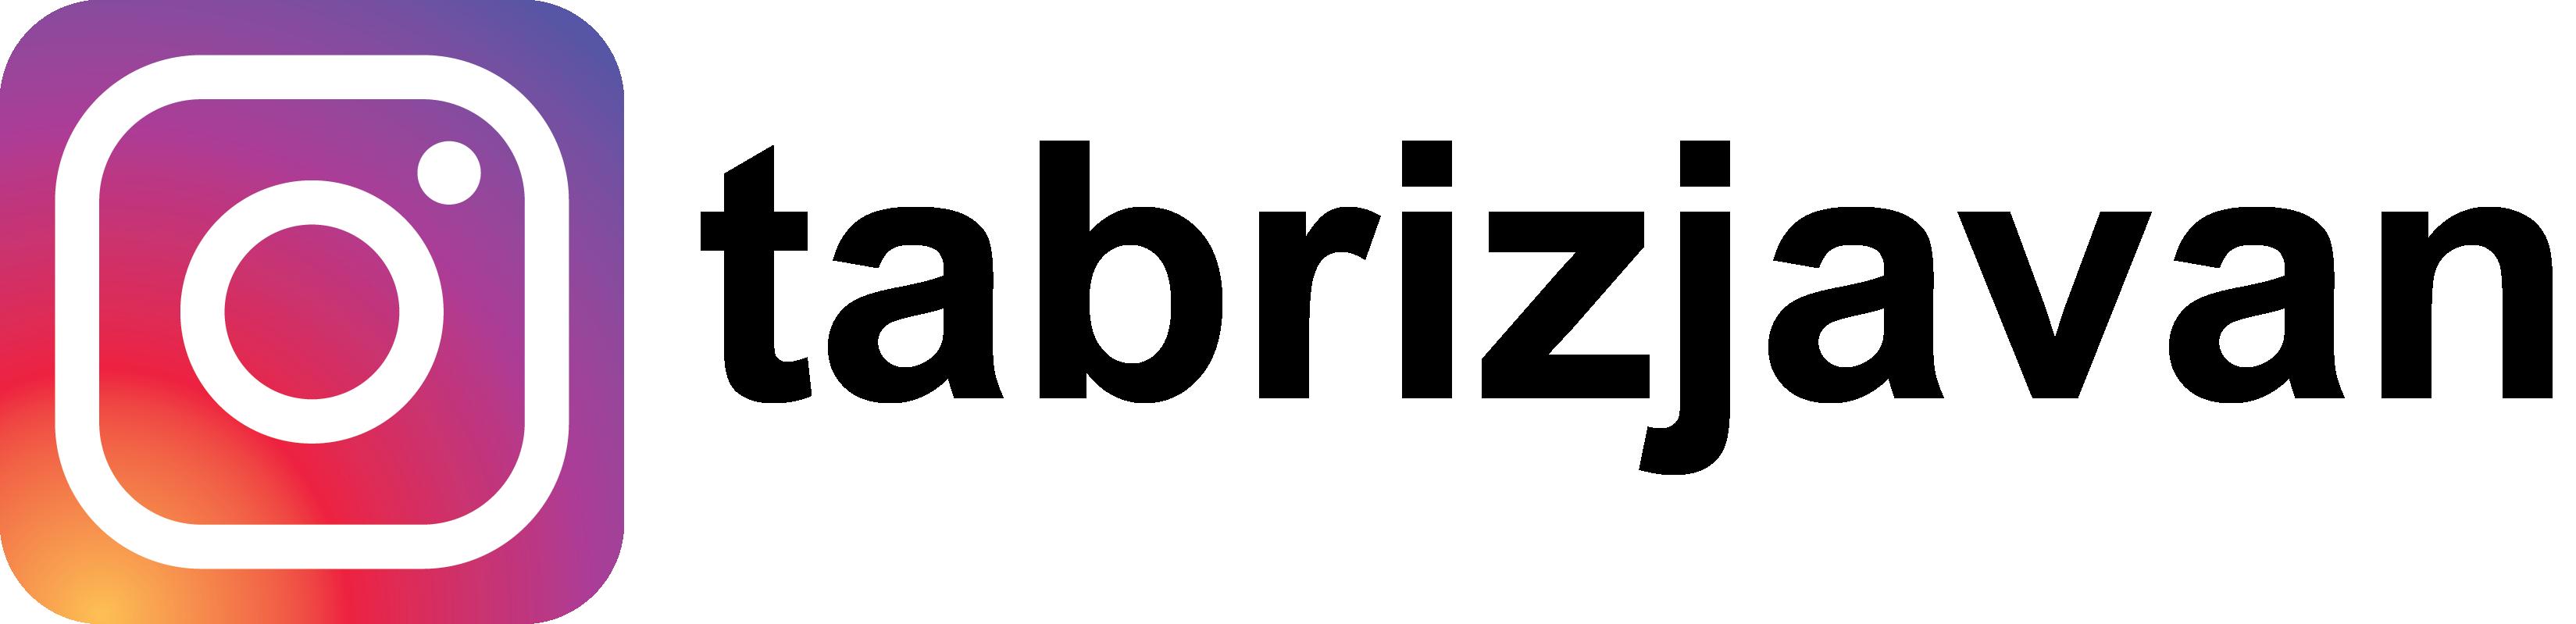 اینستاگرام تبریزجوان